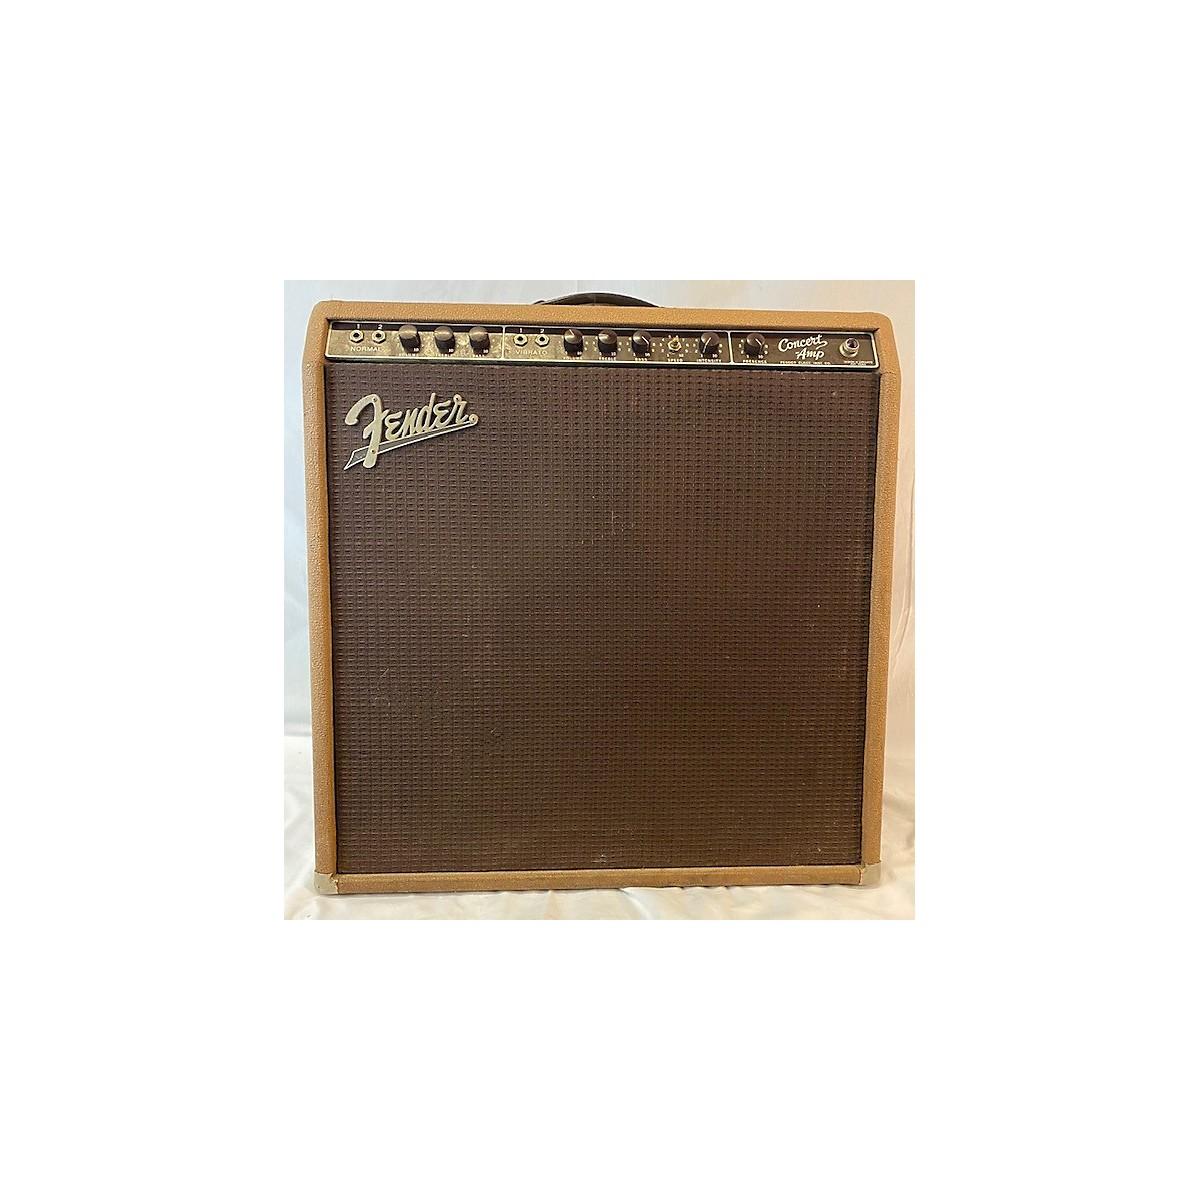 Fender 1961 CONCERT Tube Guitar Combo Amp